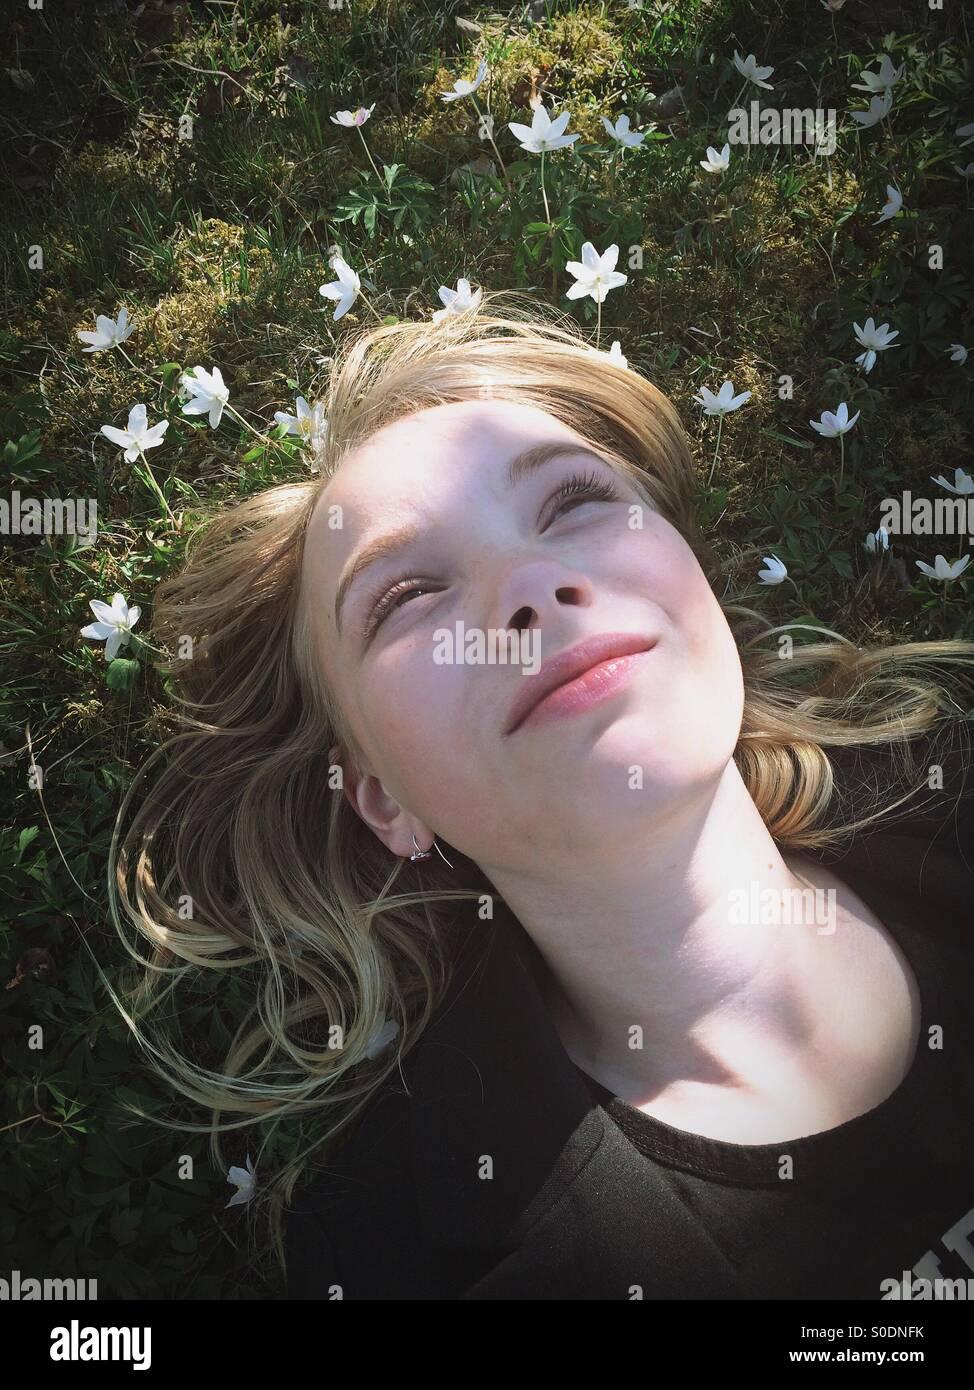 Profitez du soleil du printemps Photo Stock